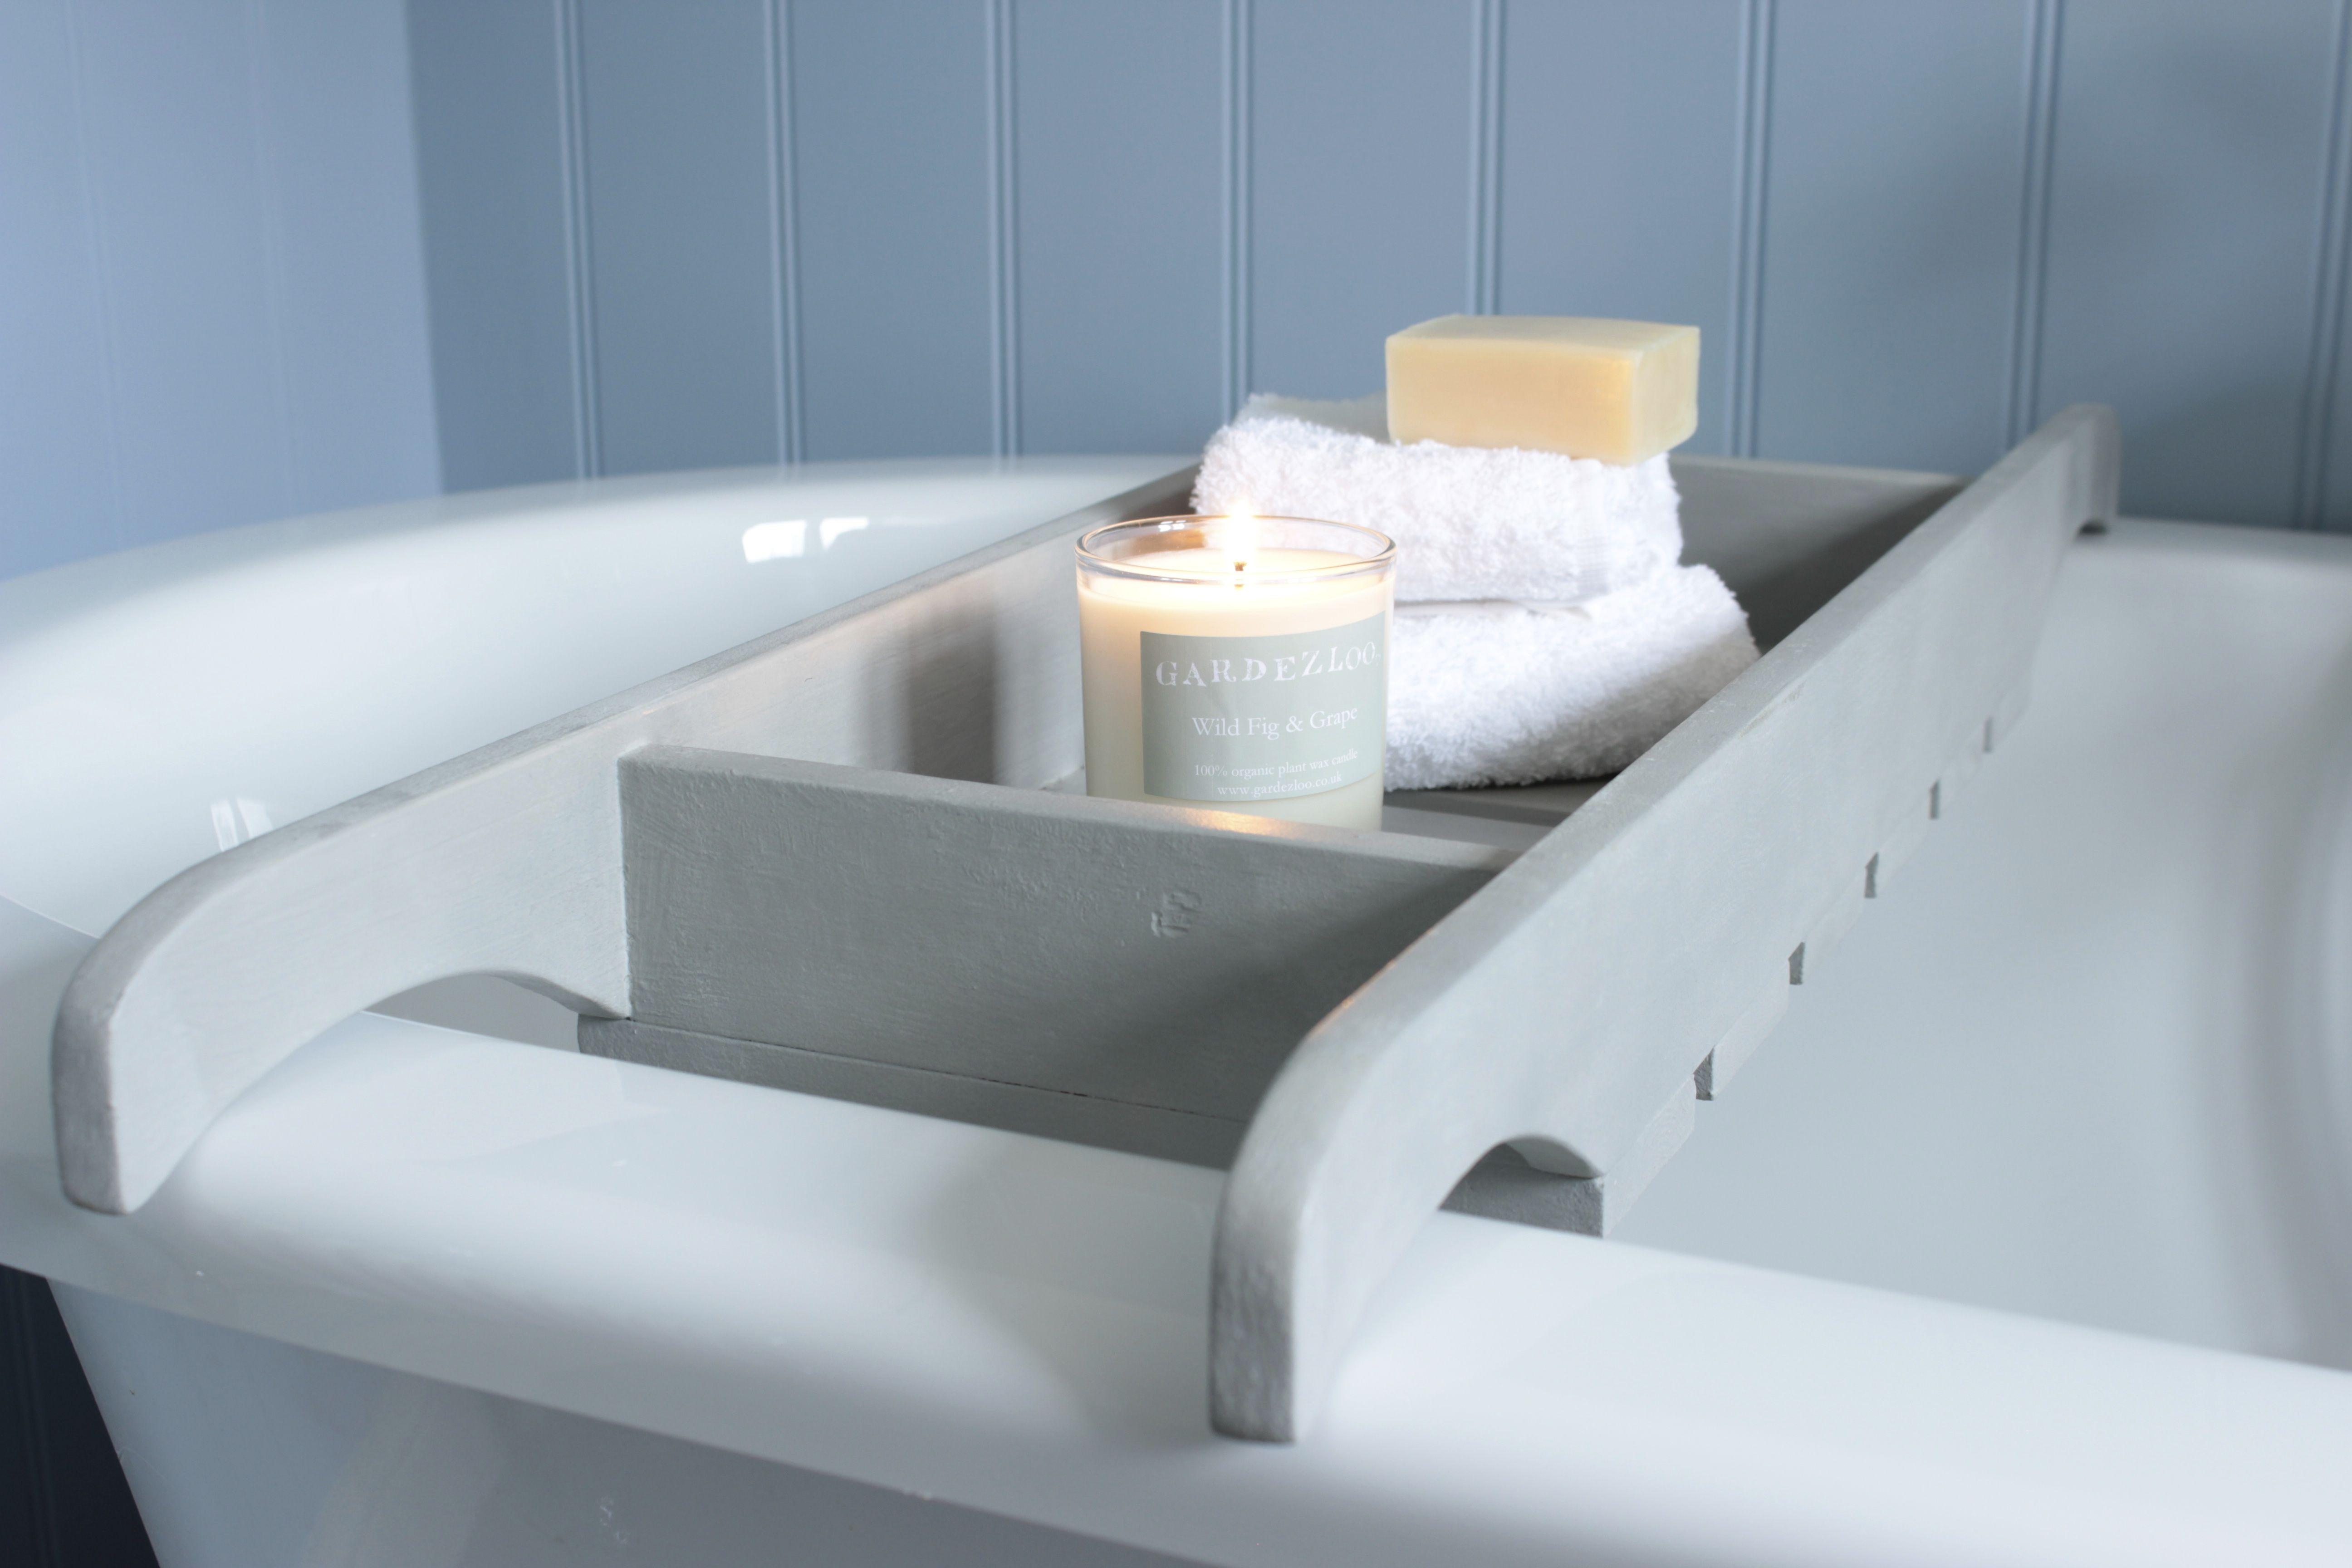 51+) Amazing Small Bathroom Storage Ideas for 2018 | Small bathroom ...